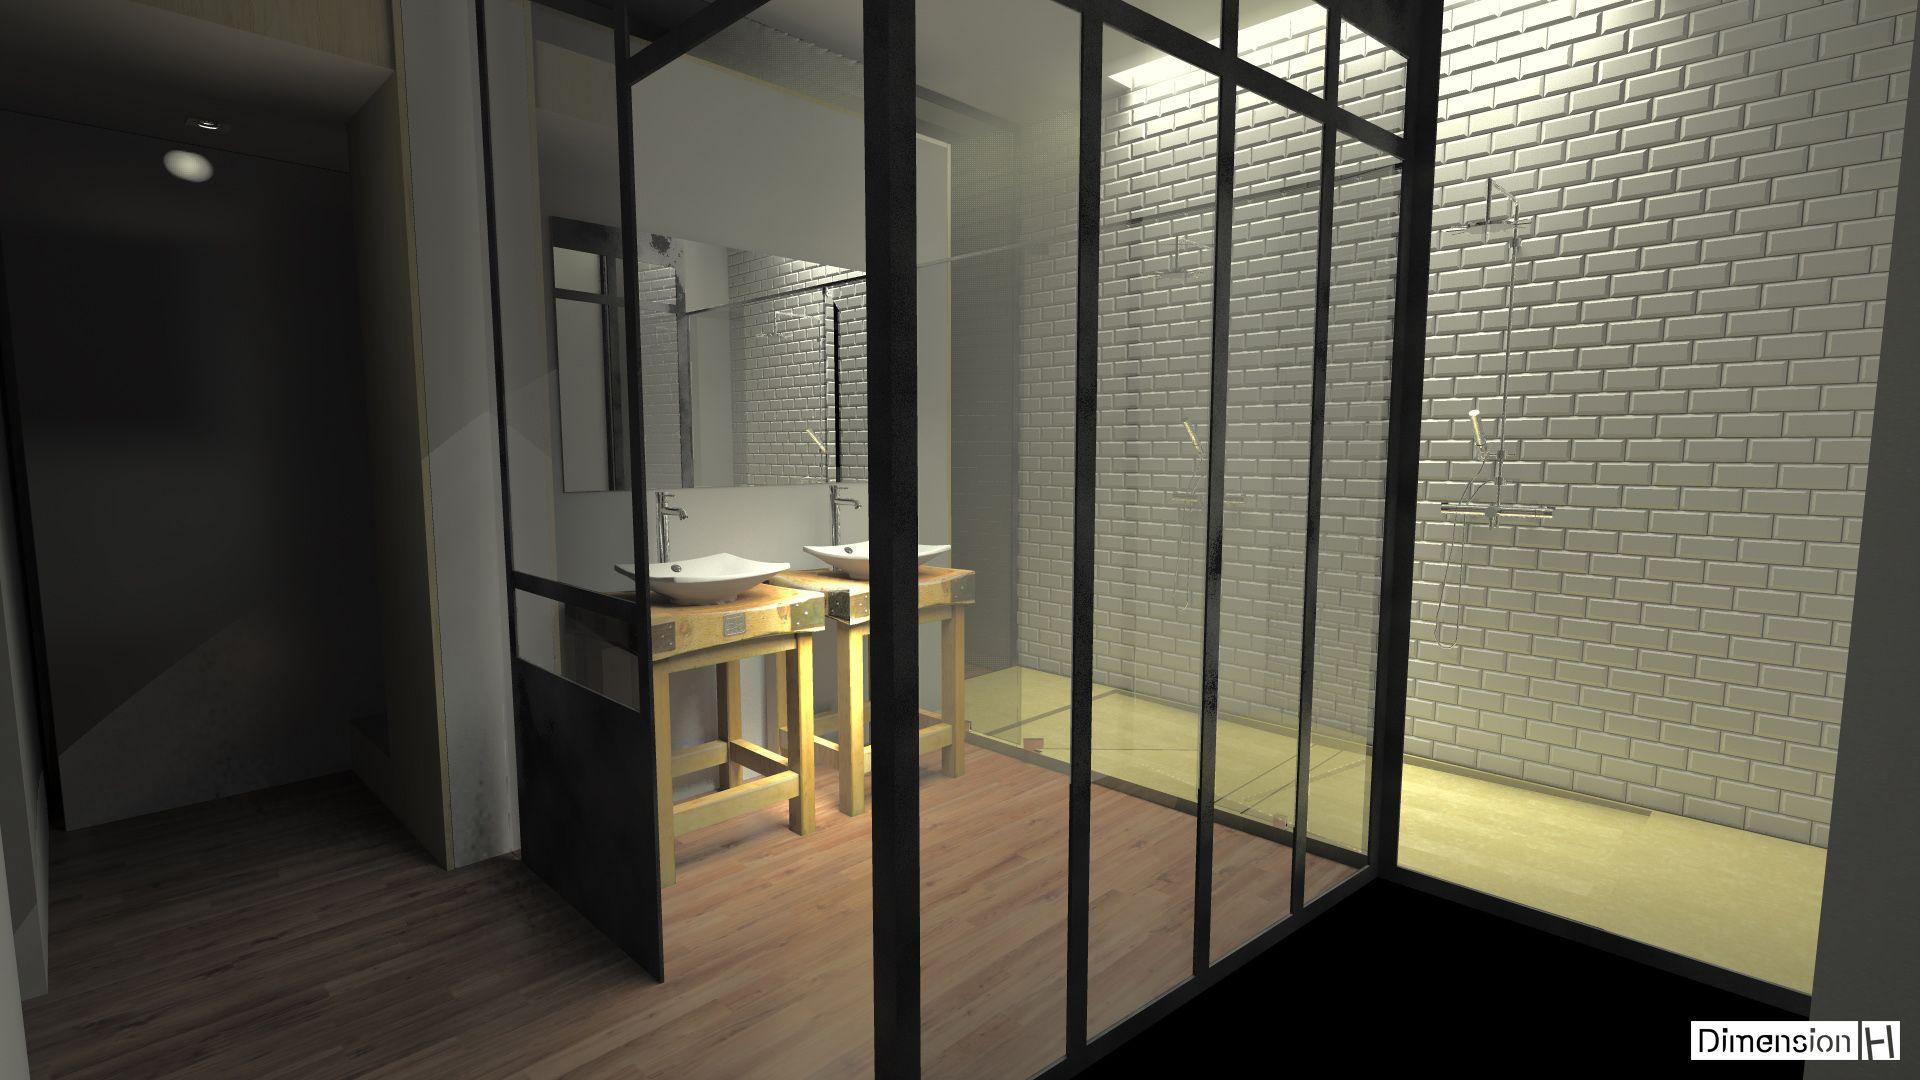 salle de bains atypique bac douche en silestone tigris sand salle de bains pinterest. Black Bedroom Furniture Sets. Home Design Ideas